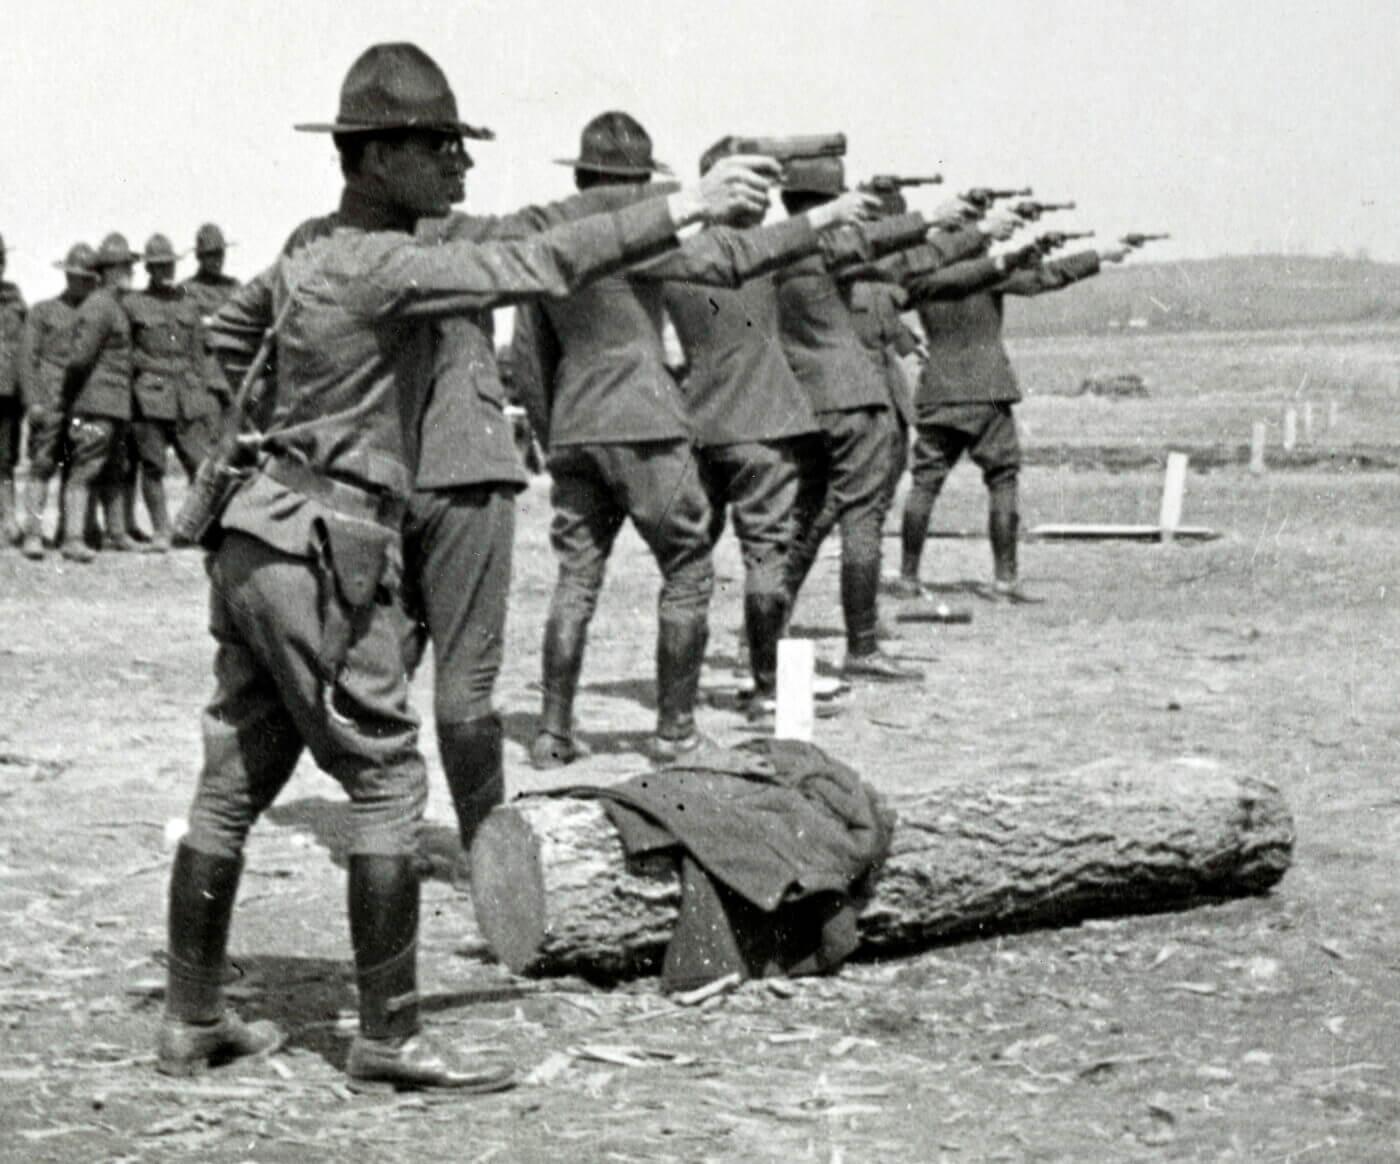 Firearm training in WWI